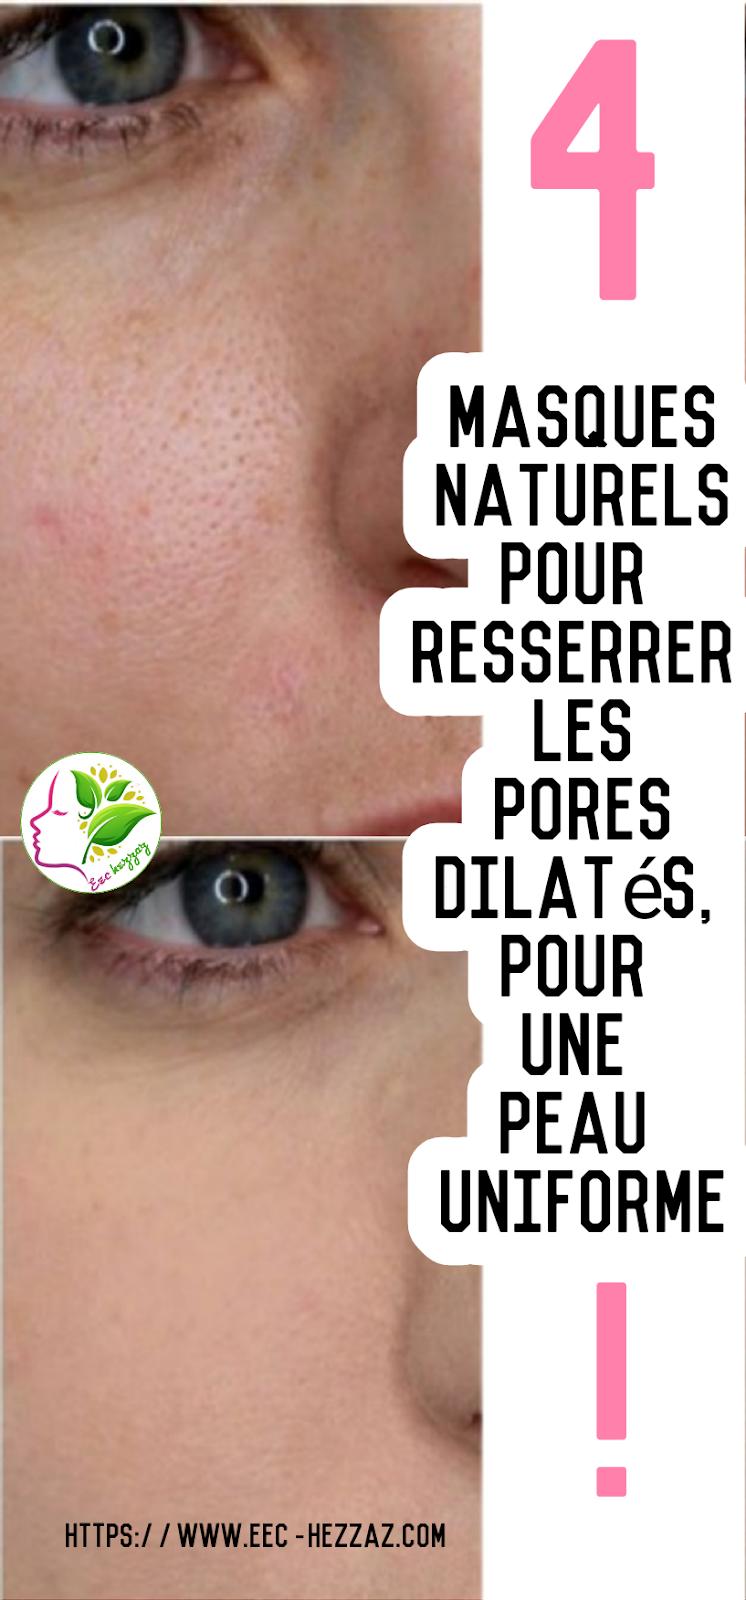 4 masques naturels pour resserrer les pores dilatés, pour une peau uniforme!